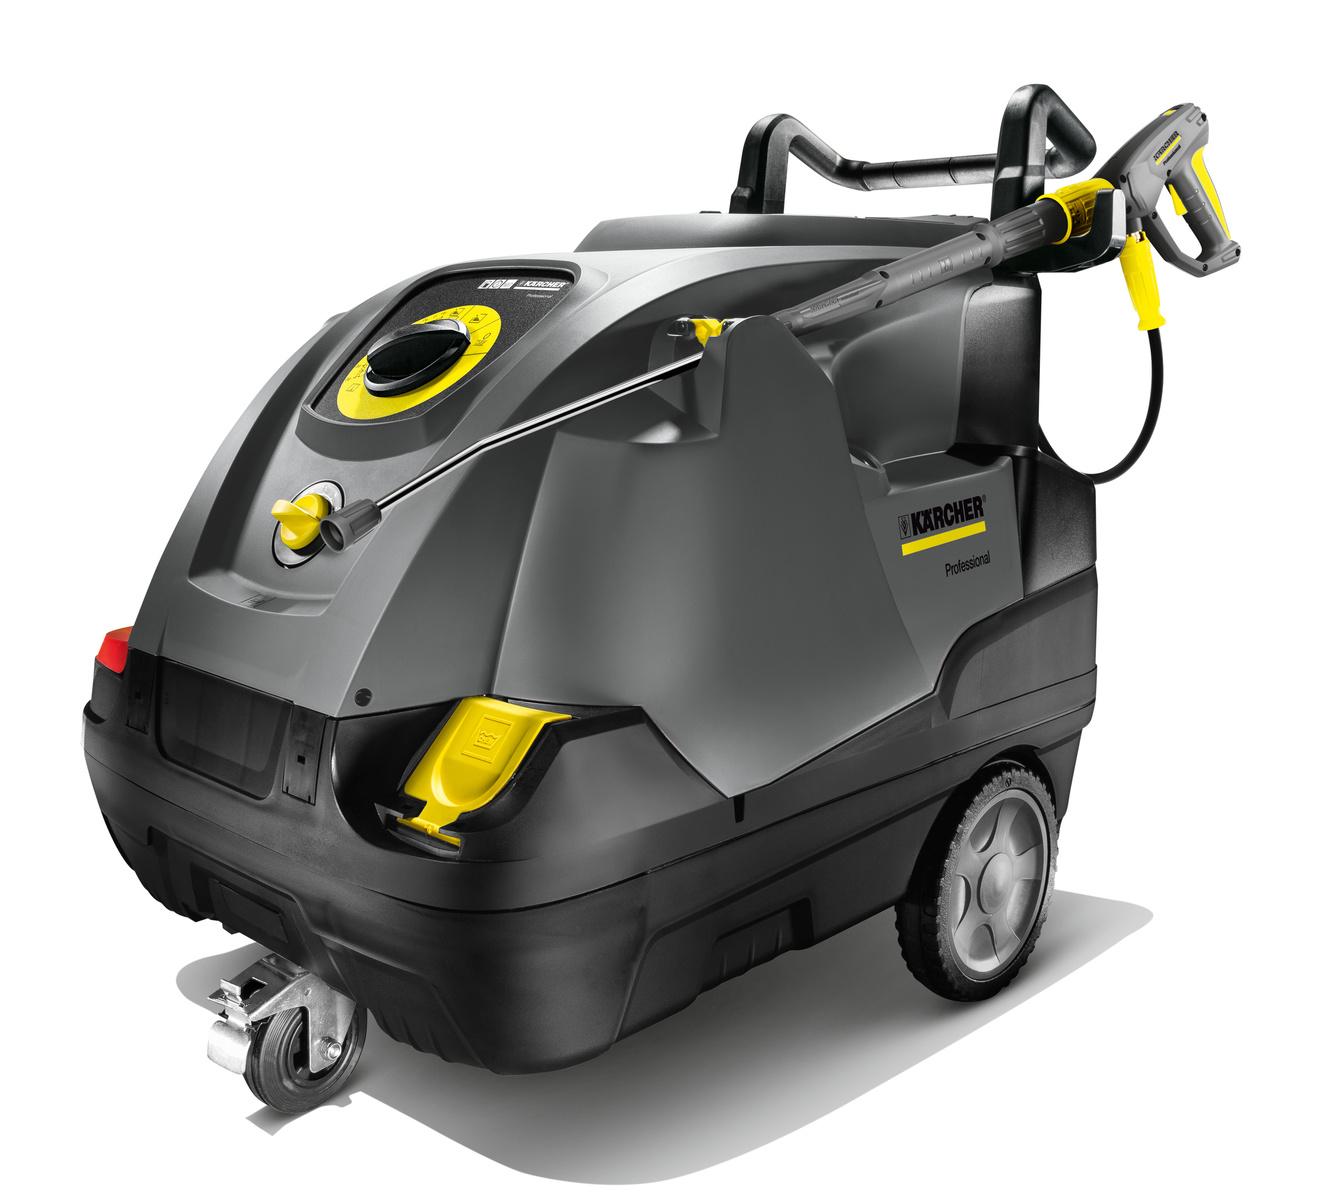 Kärcher Professional HDS 6 14 CX Hogedrukreiniger 3600W 140bar